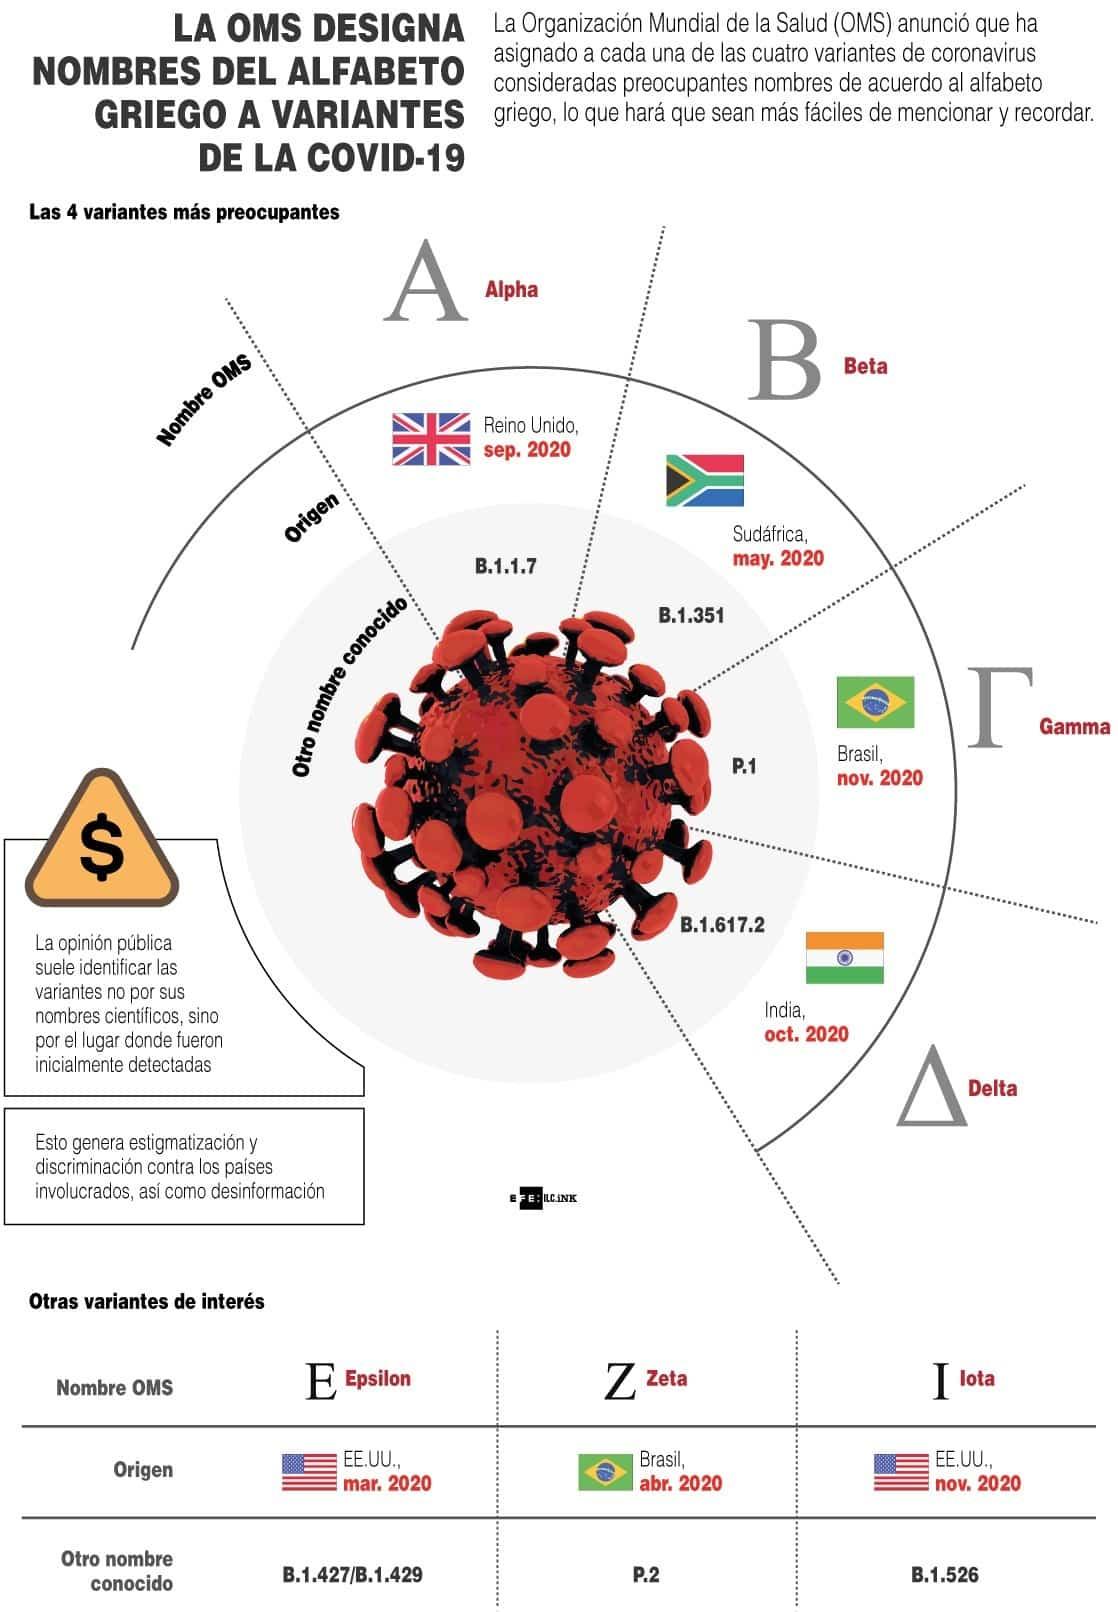 [Infografía] - La OMS designa nombres del alfabeto griego a variantes de la COVID-19 1